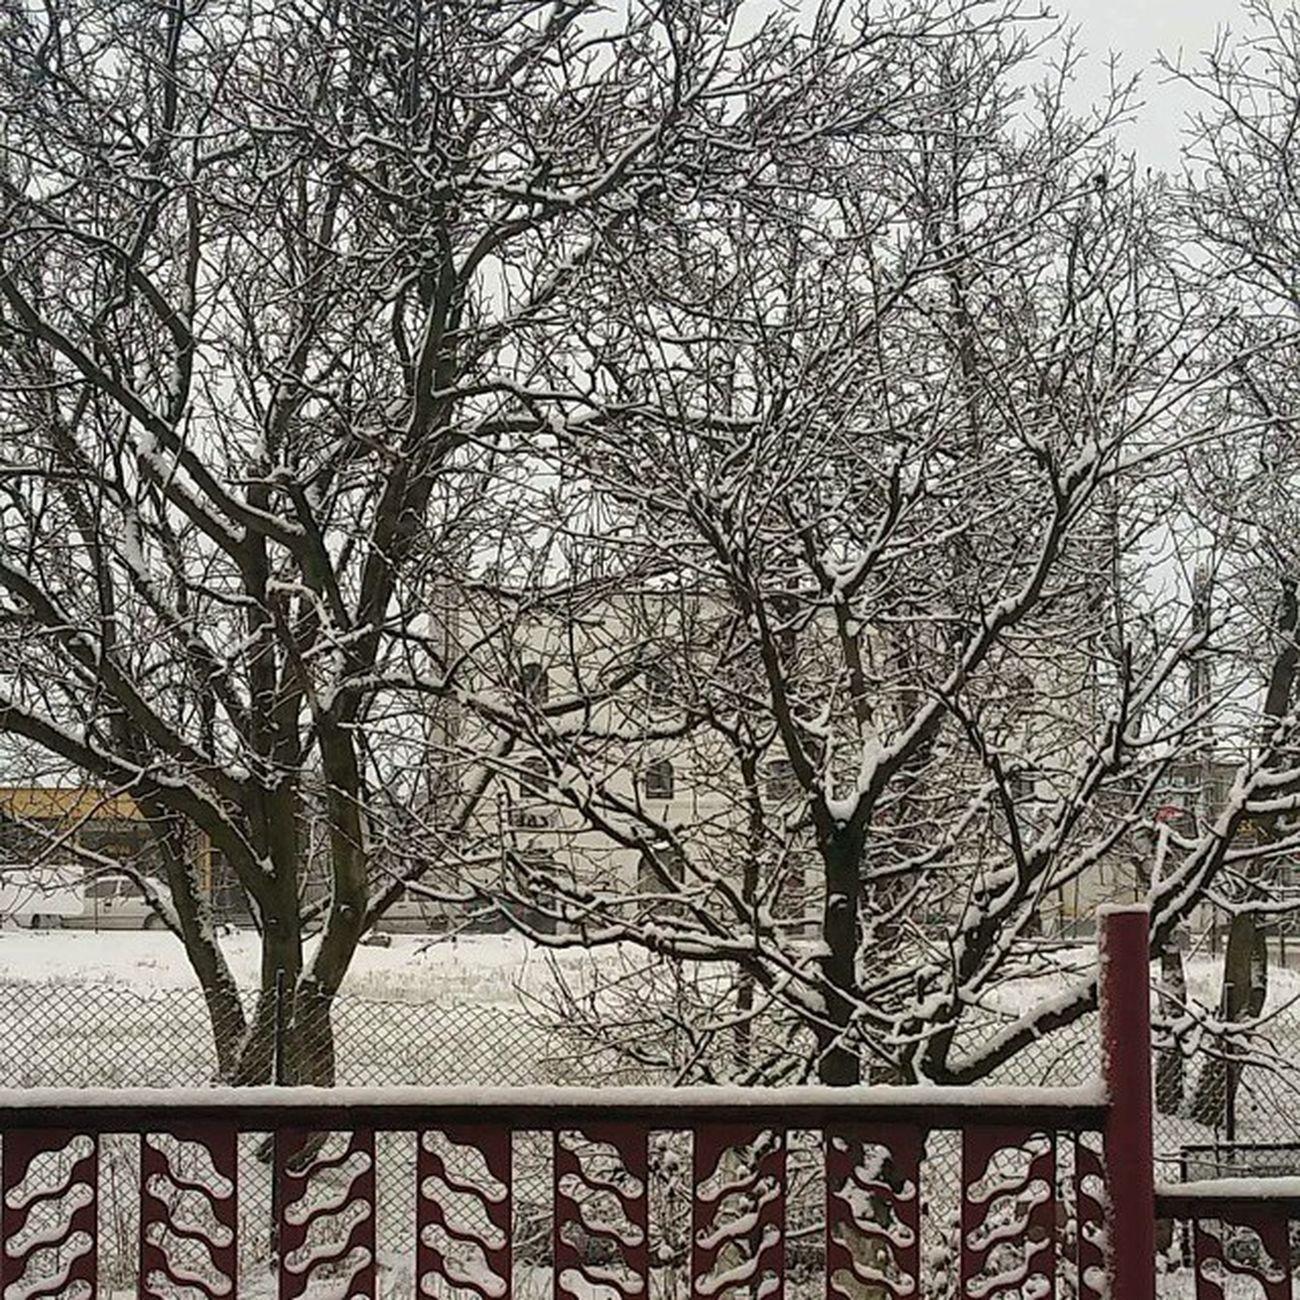 Zima Jak Jeszcze Była XD Winter śnieg śnieg Snow Zdjeciasnieguwchuj Jakosc Poszla SIE  Jebac Ale Okej